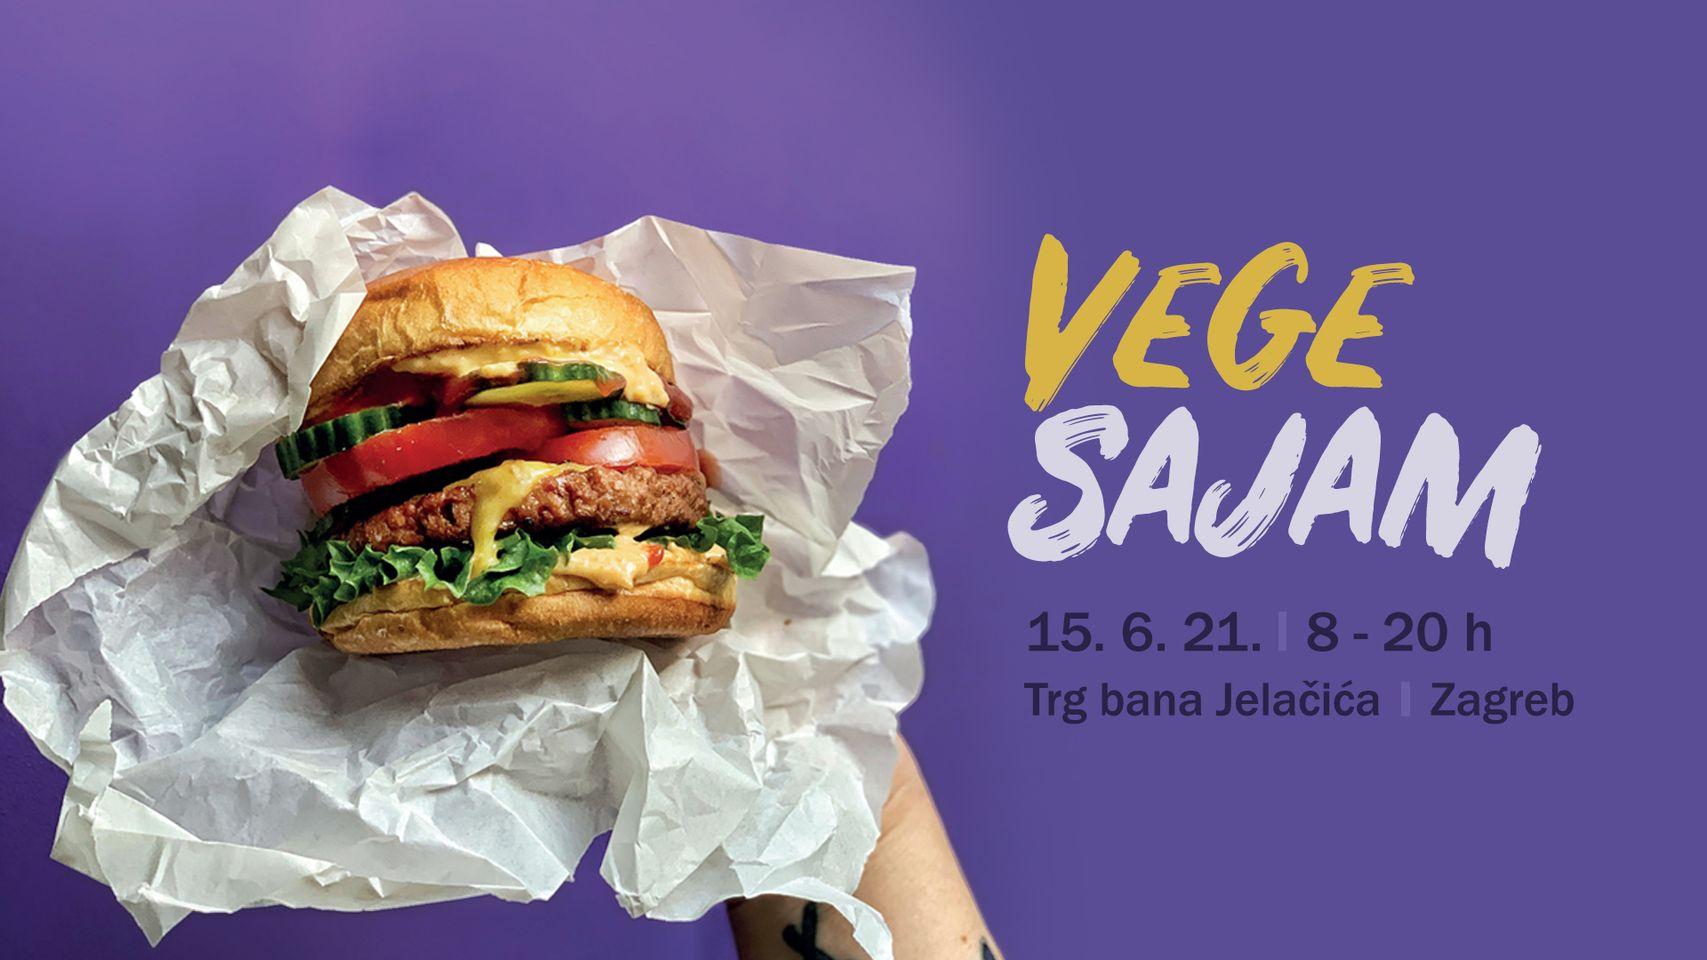 10. VegeSajam  če se  održati u utorak 15. lipnja 2021. od 8 do 20 sati na zagrebačkom Trgu bana Jelačića.